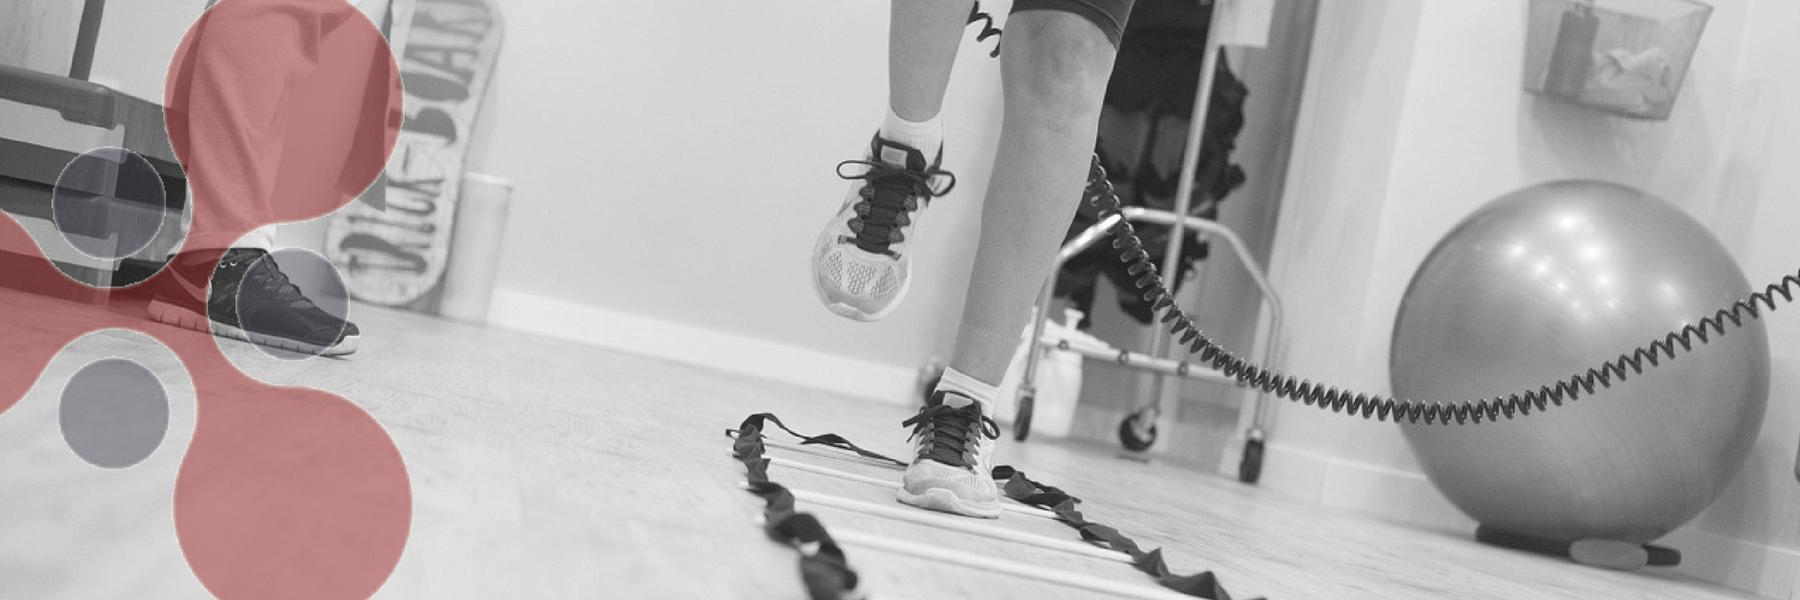 Fysiotherapie bij artrose helpt bij het beter leren belasten van knie en heup.